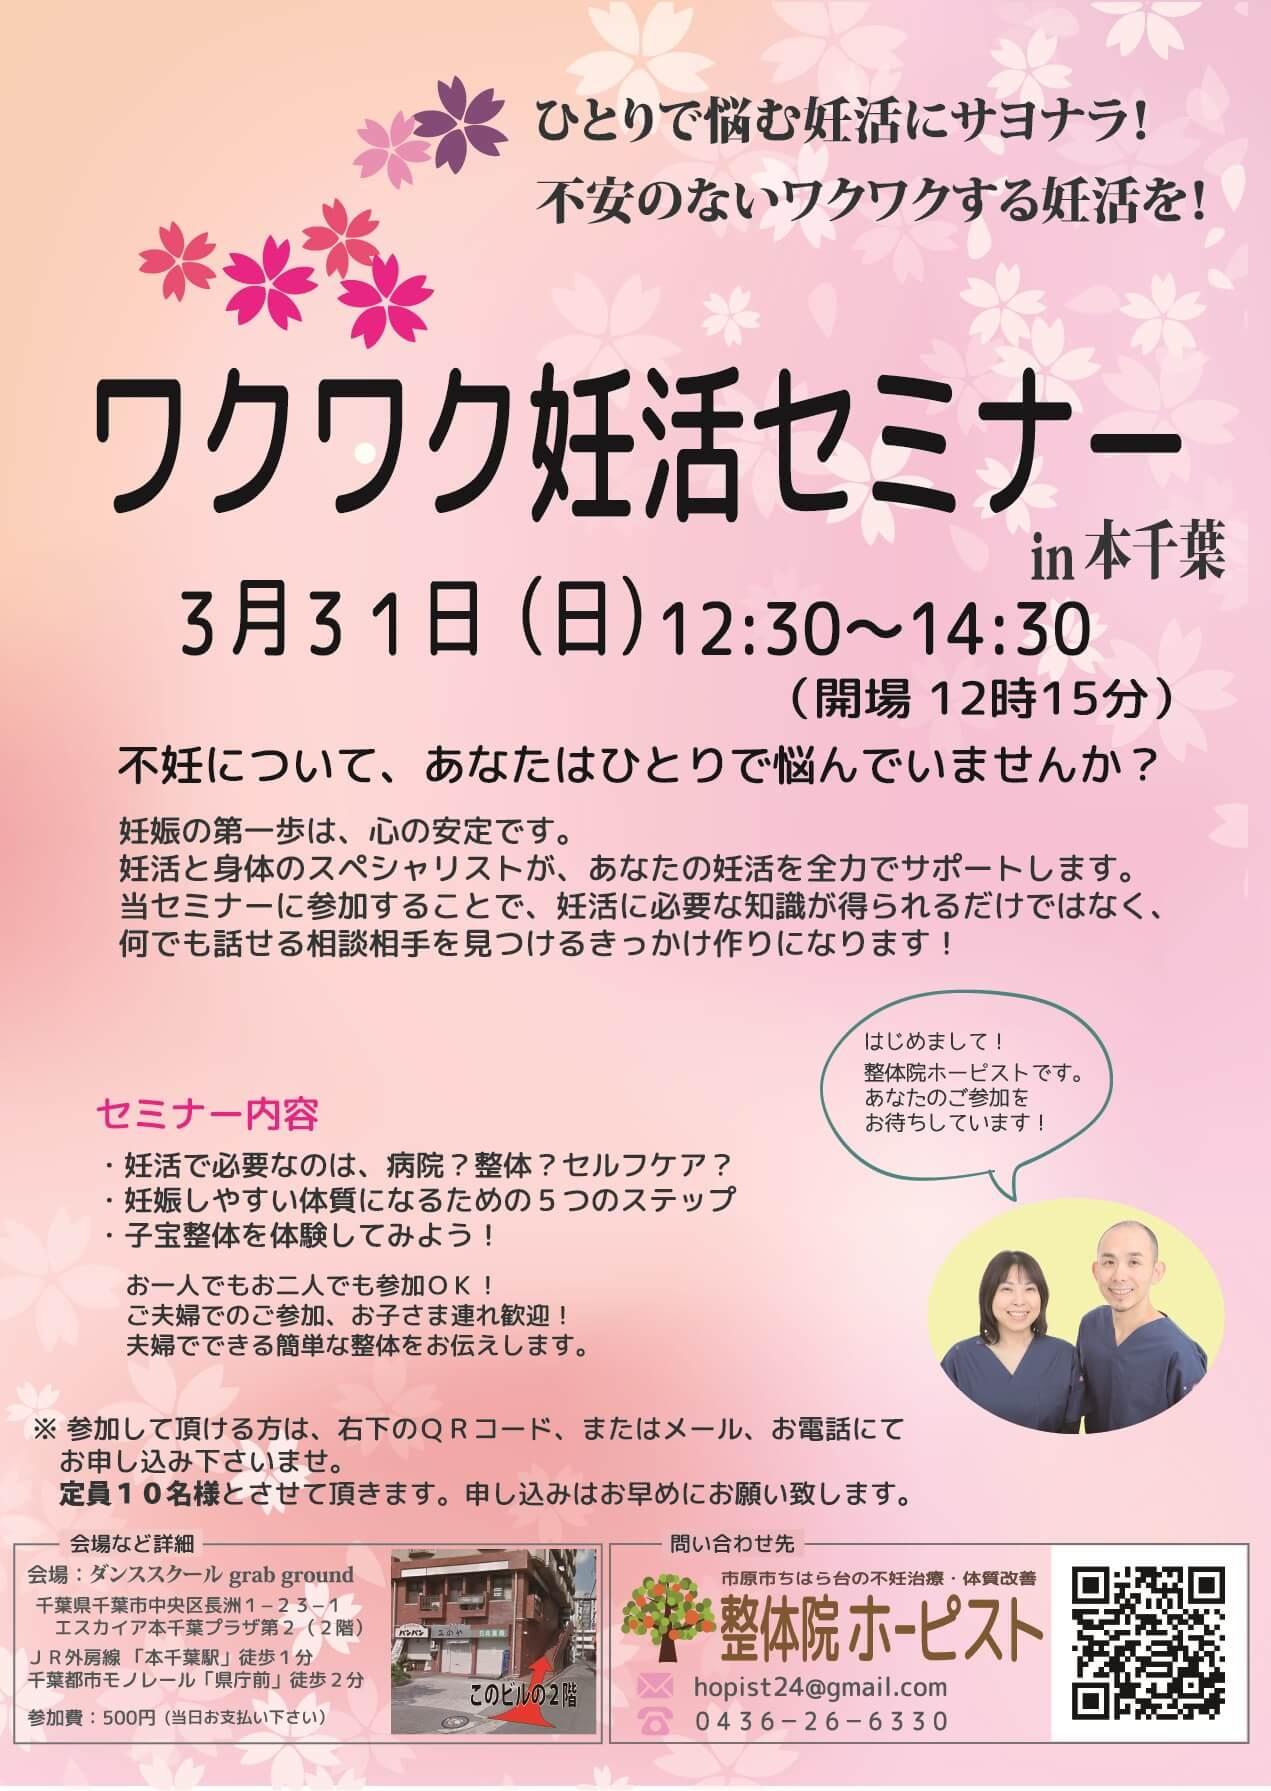 3月31日(日)『ワクワク妊活セミナーin本千葉』開催します!